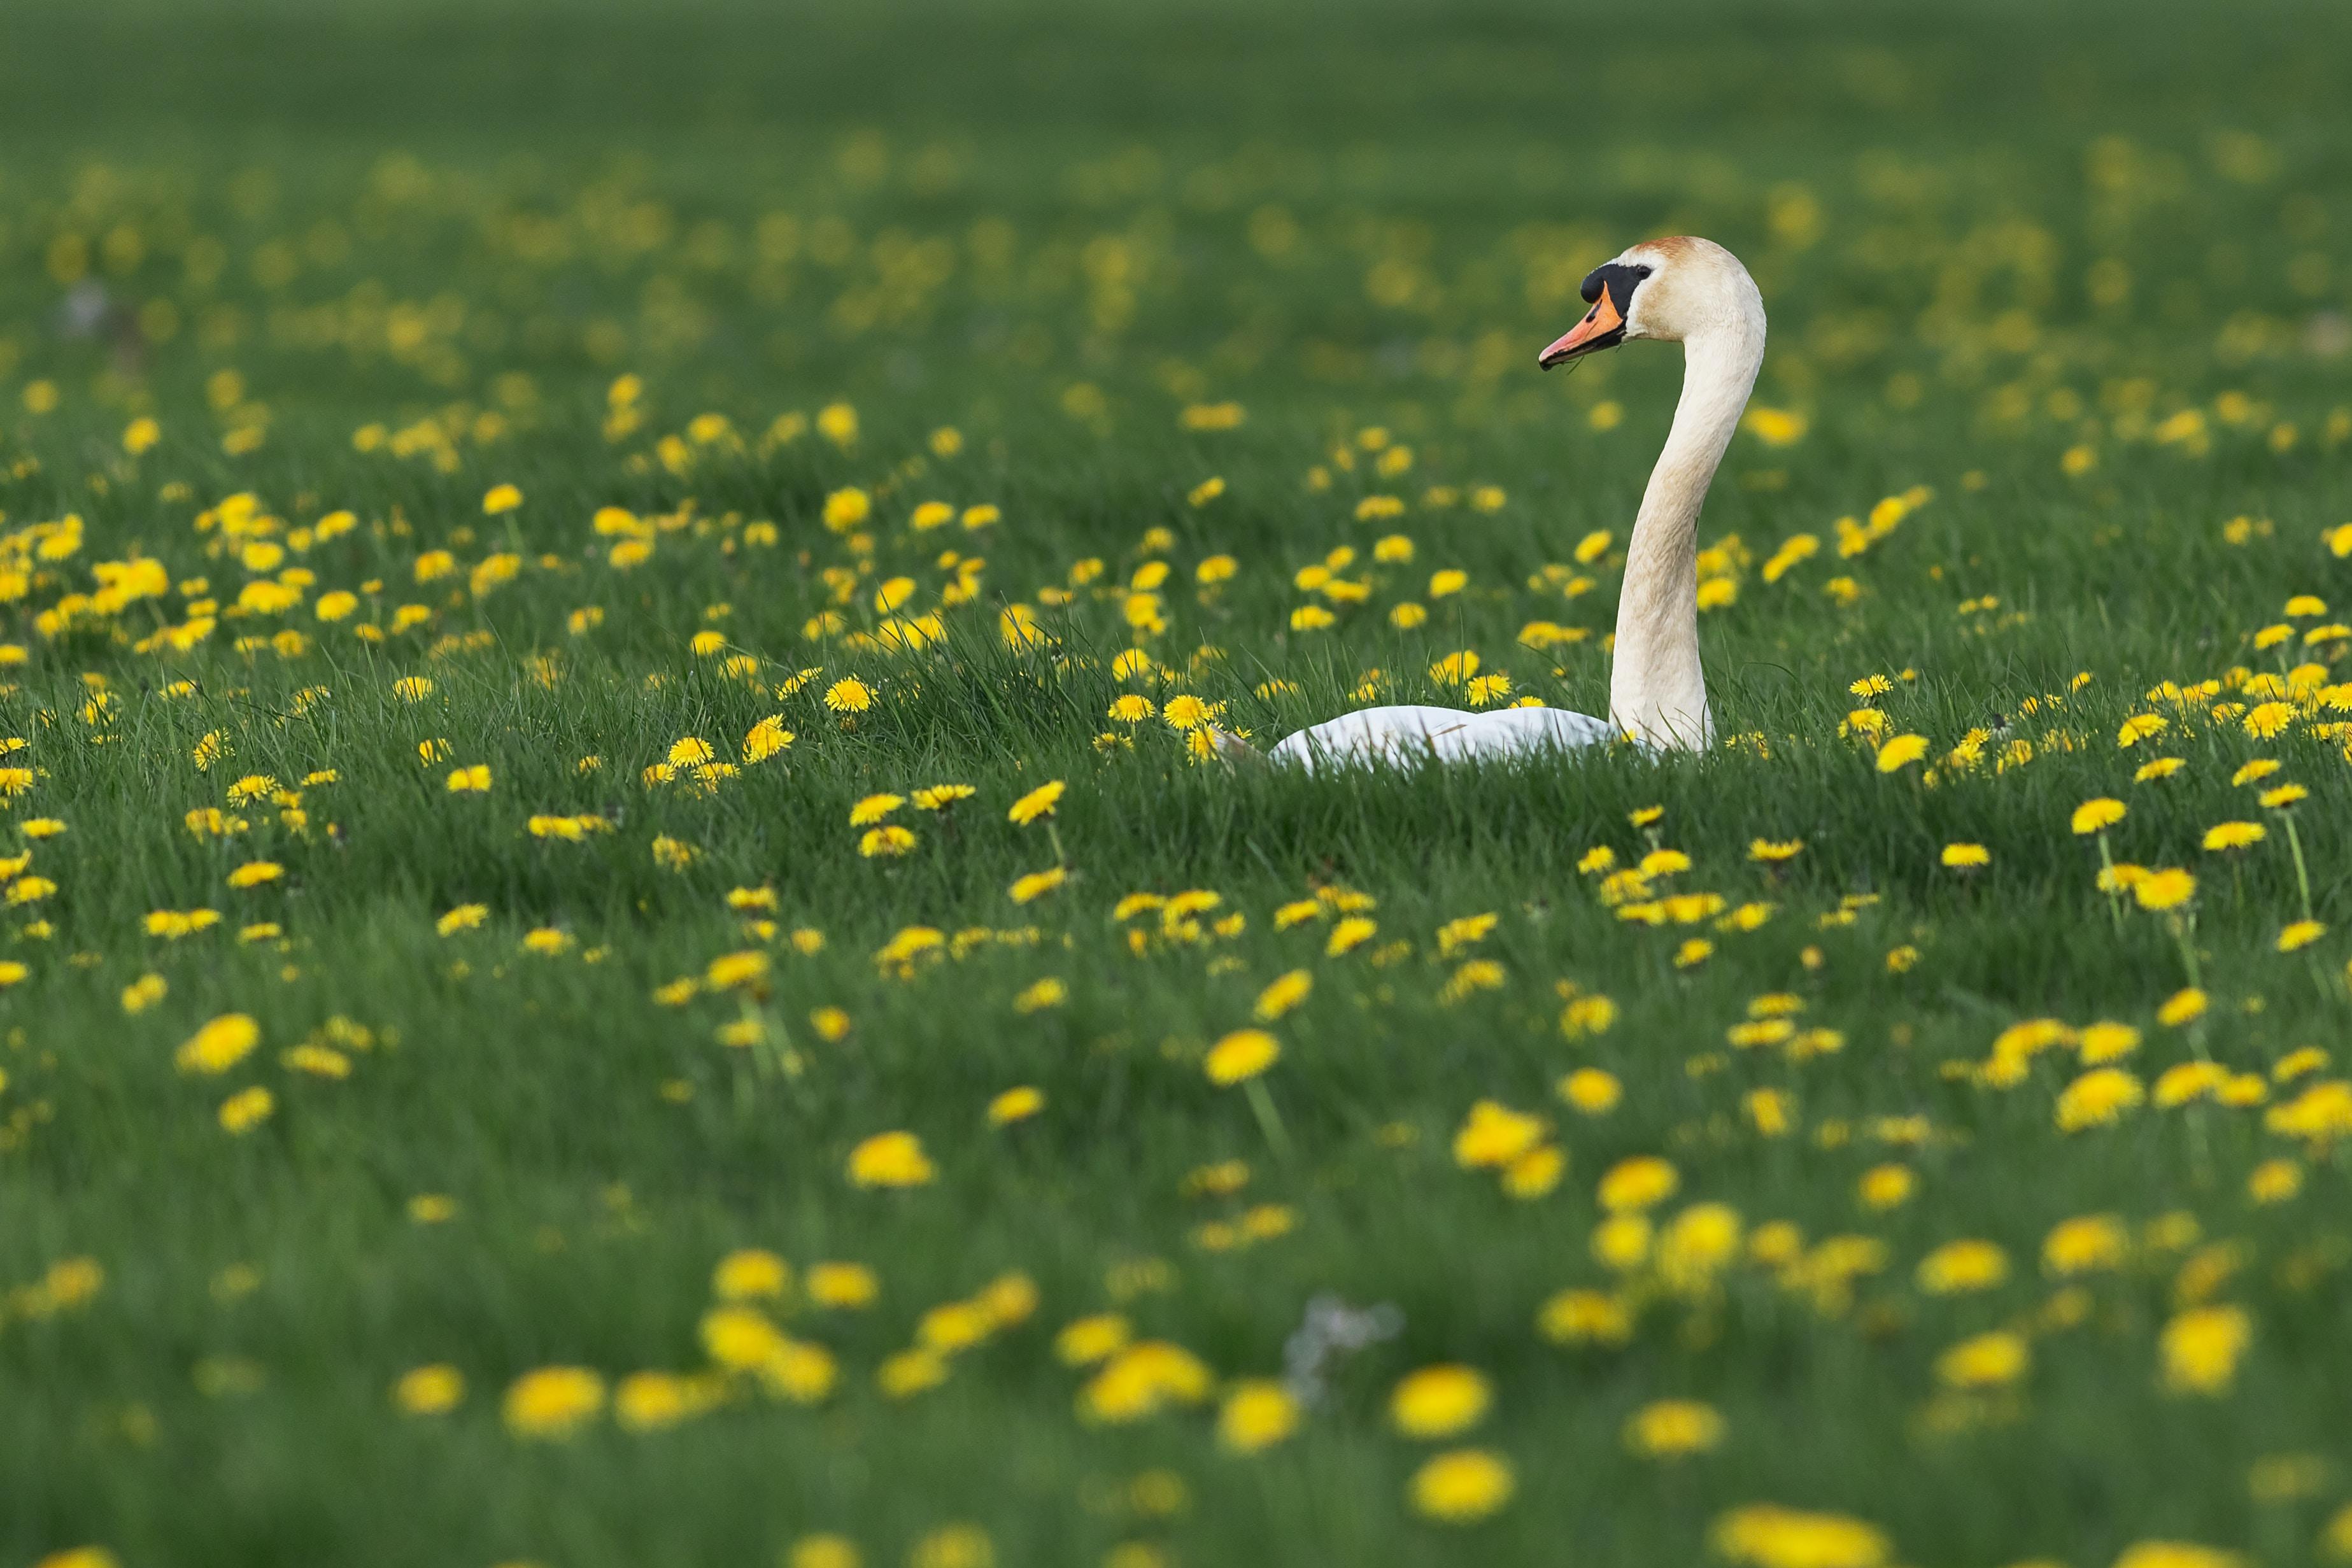 Swan on yellow flower field